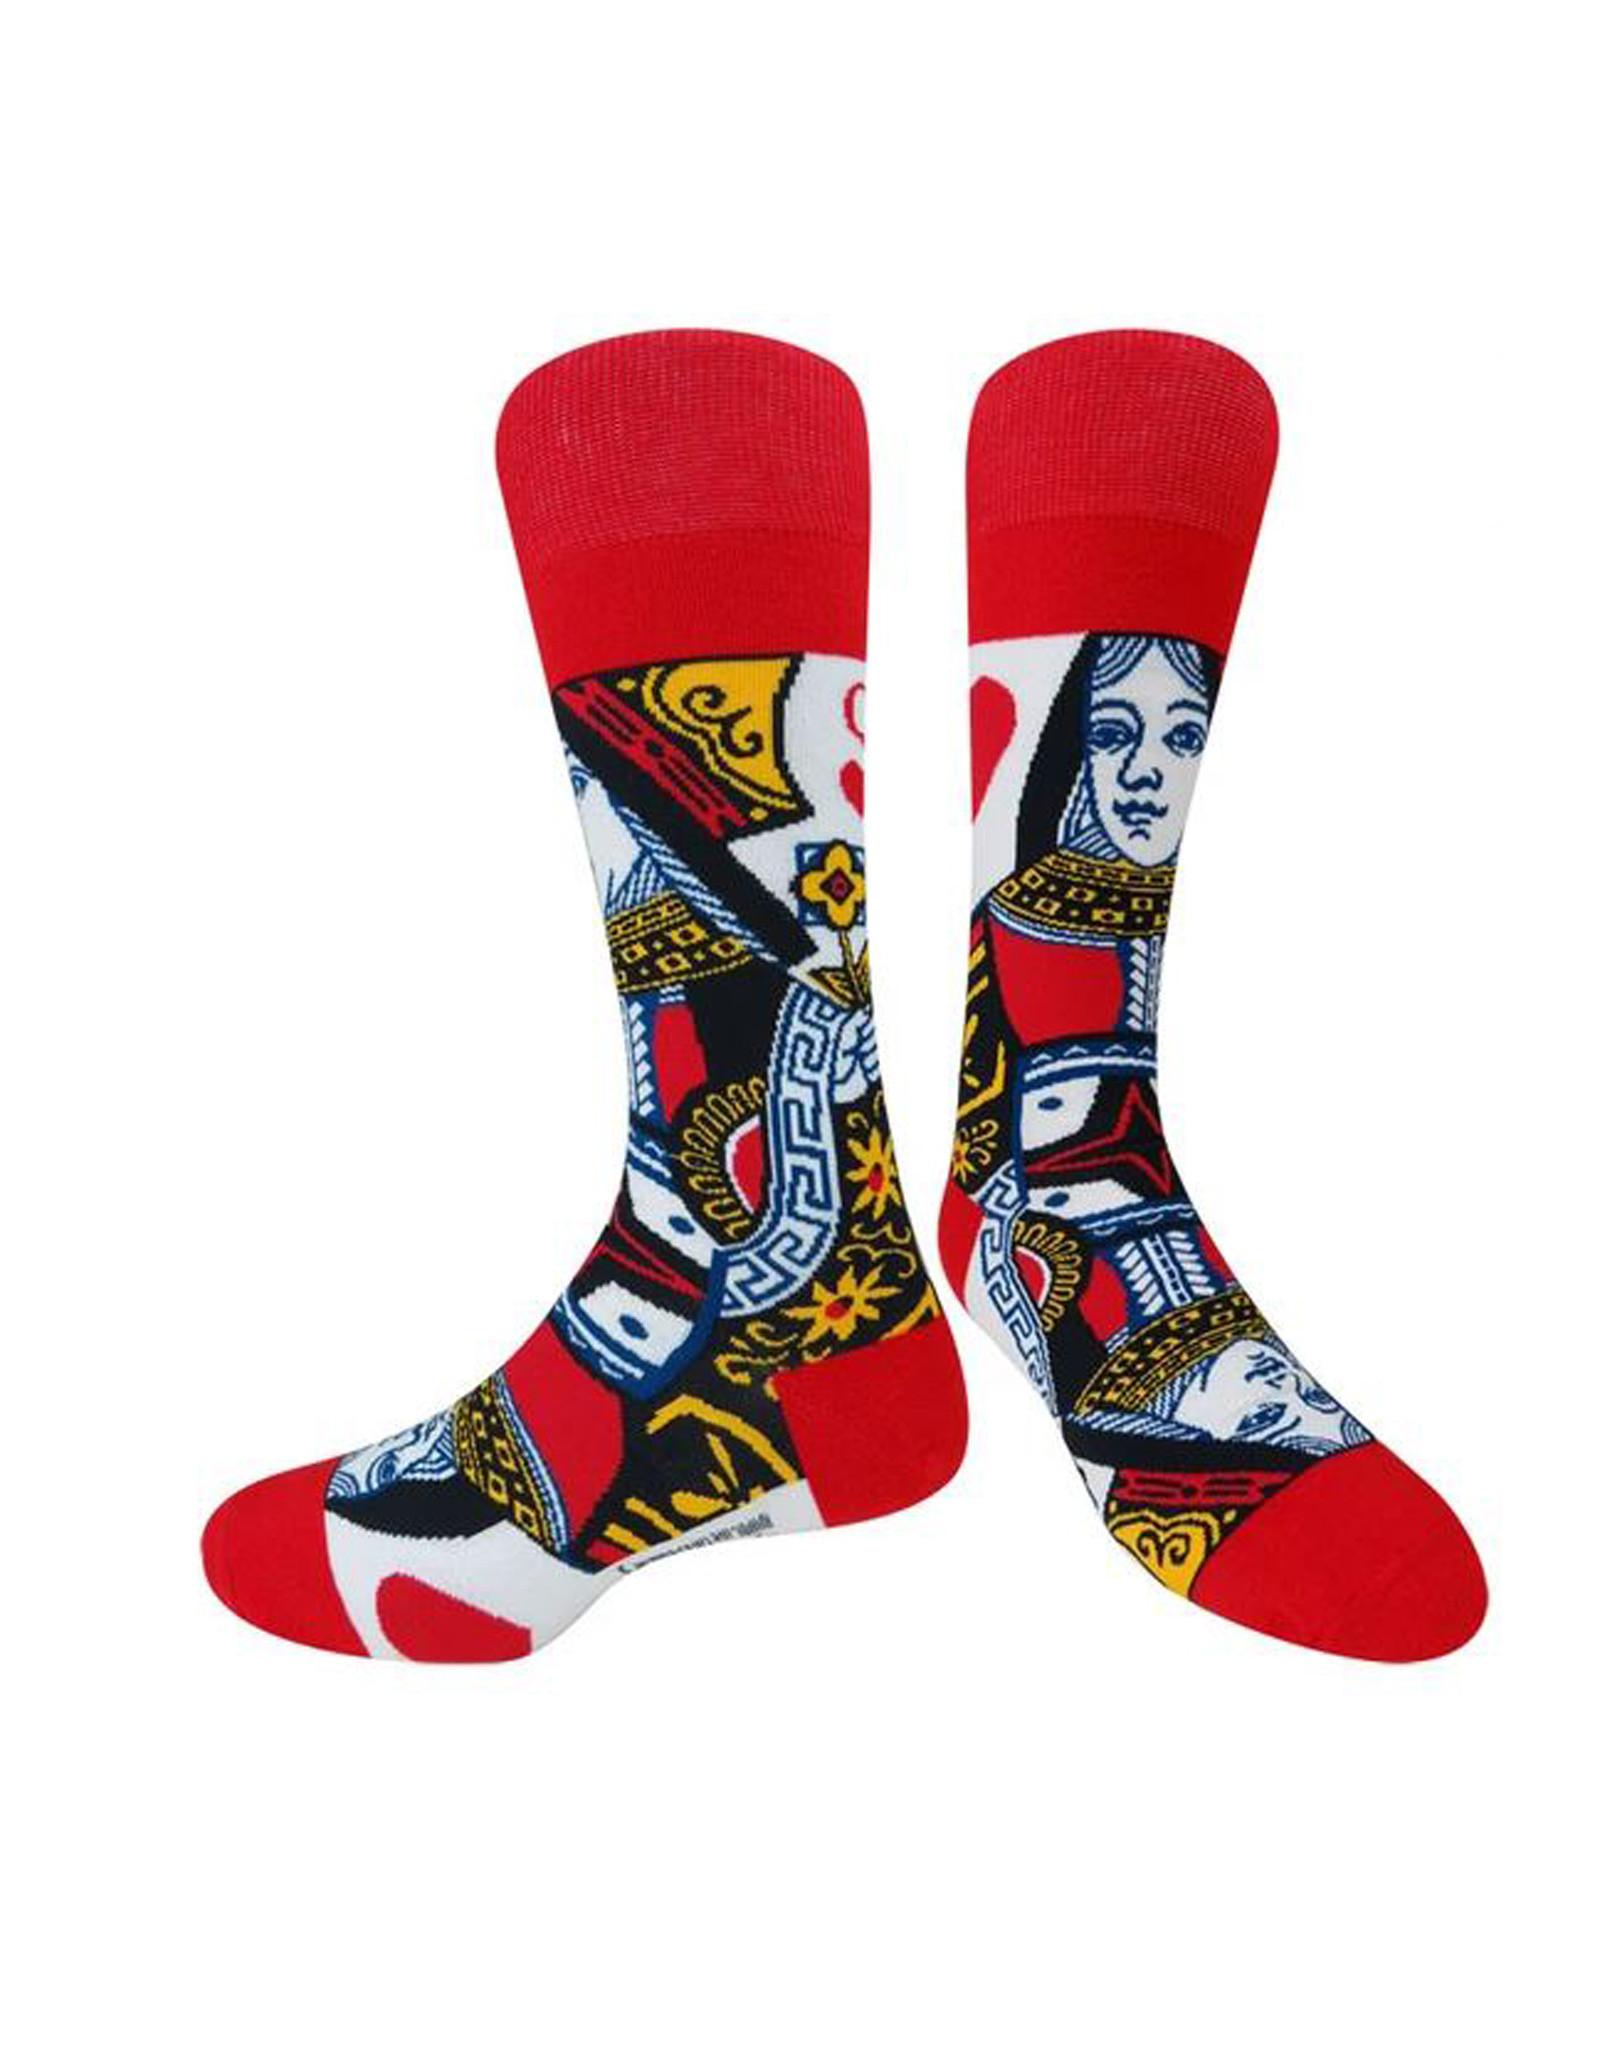 Queen Of Hearts Socks